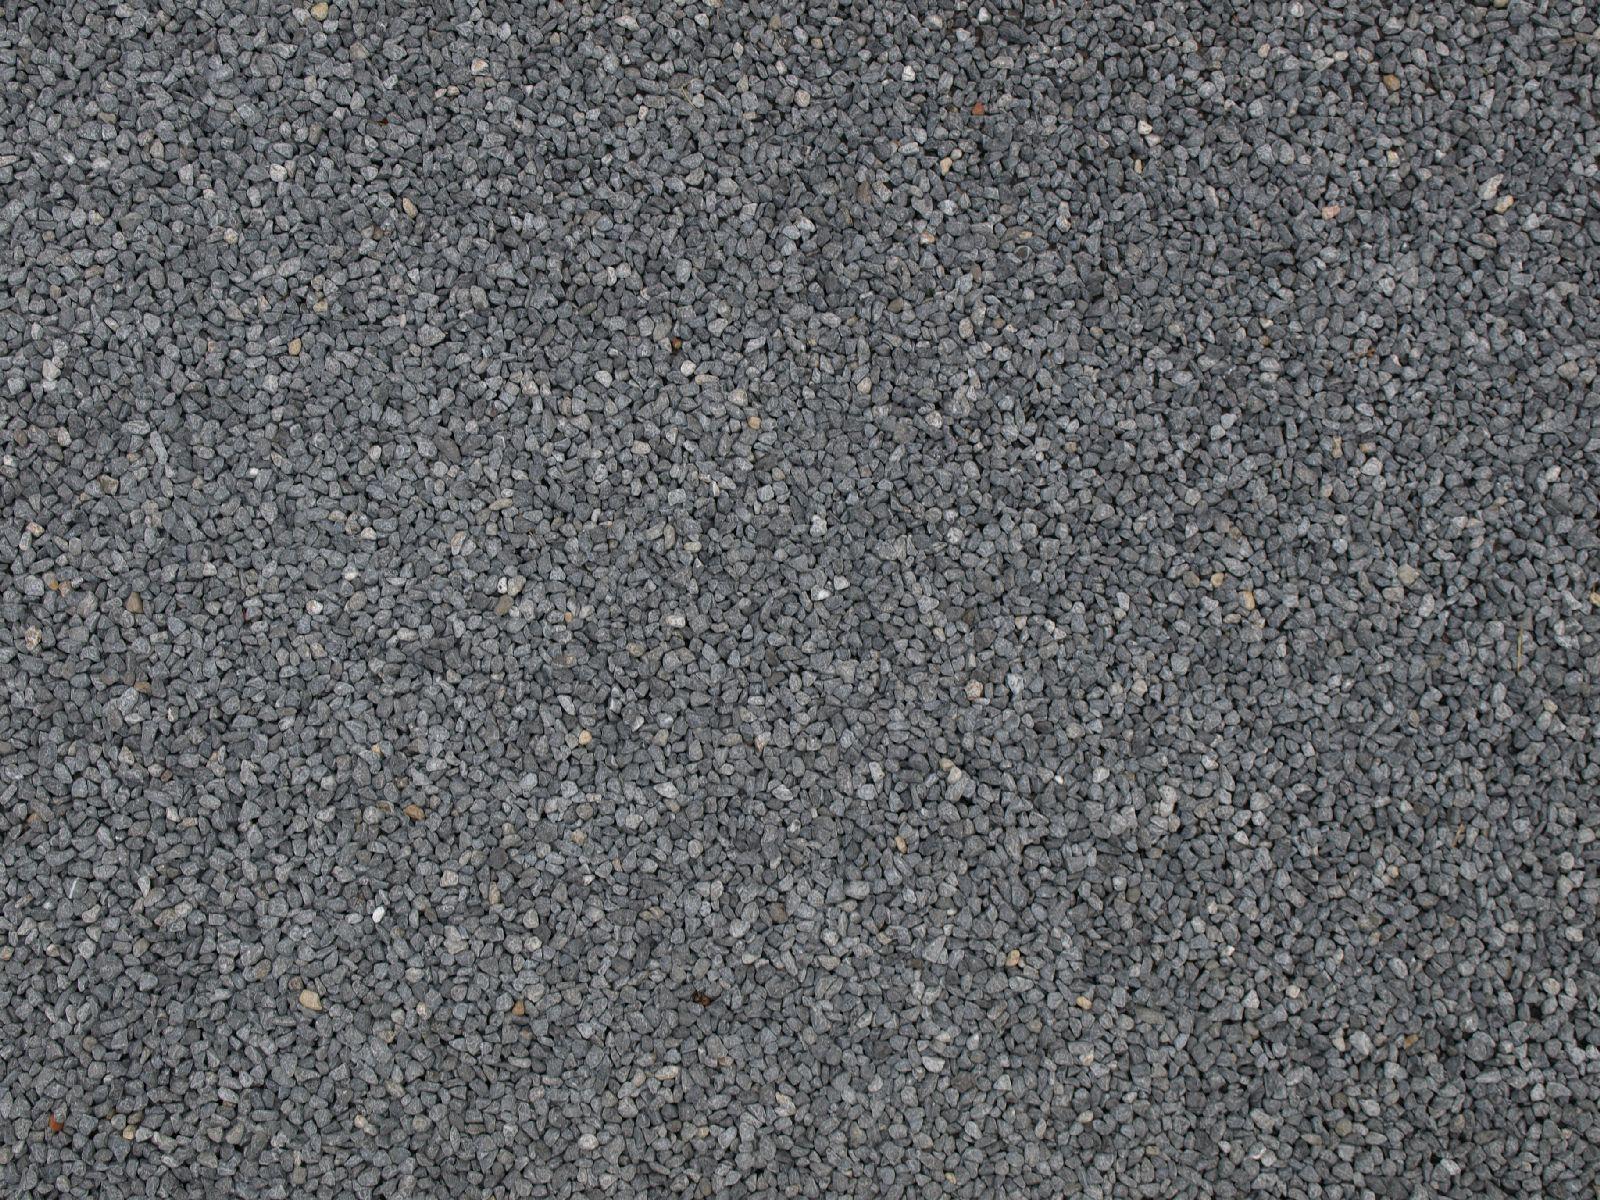 Boden-Gehweg-Strasse-Buergersteig-Textur_A_P6083335